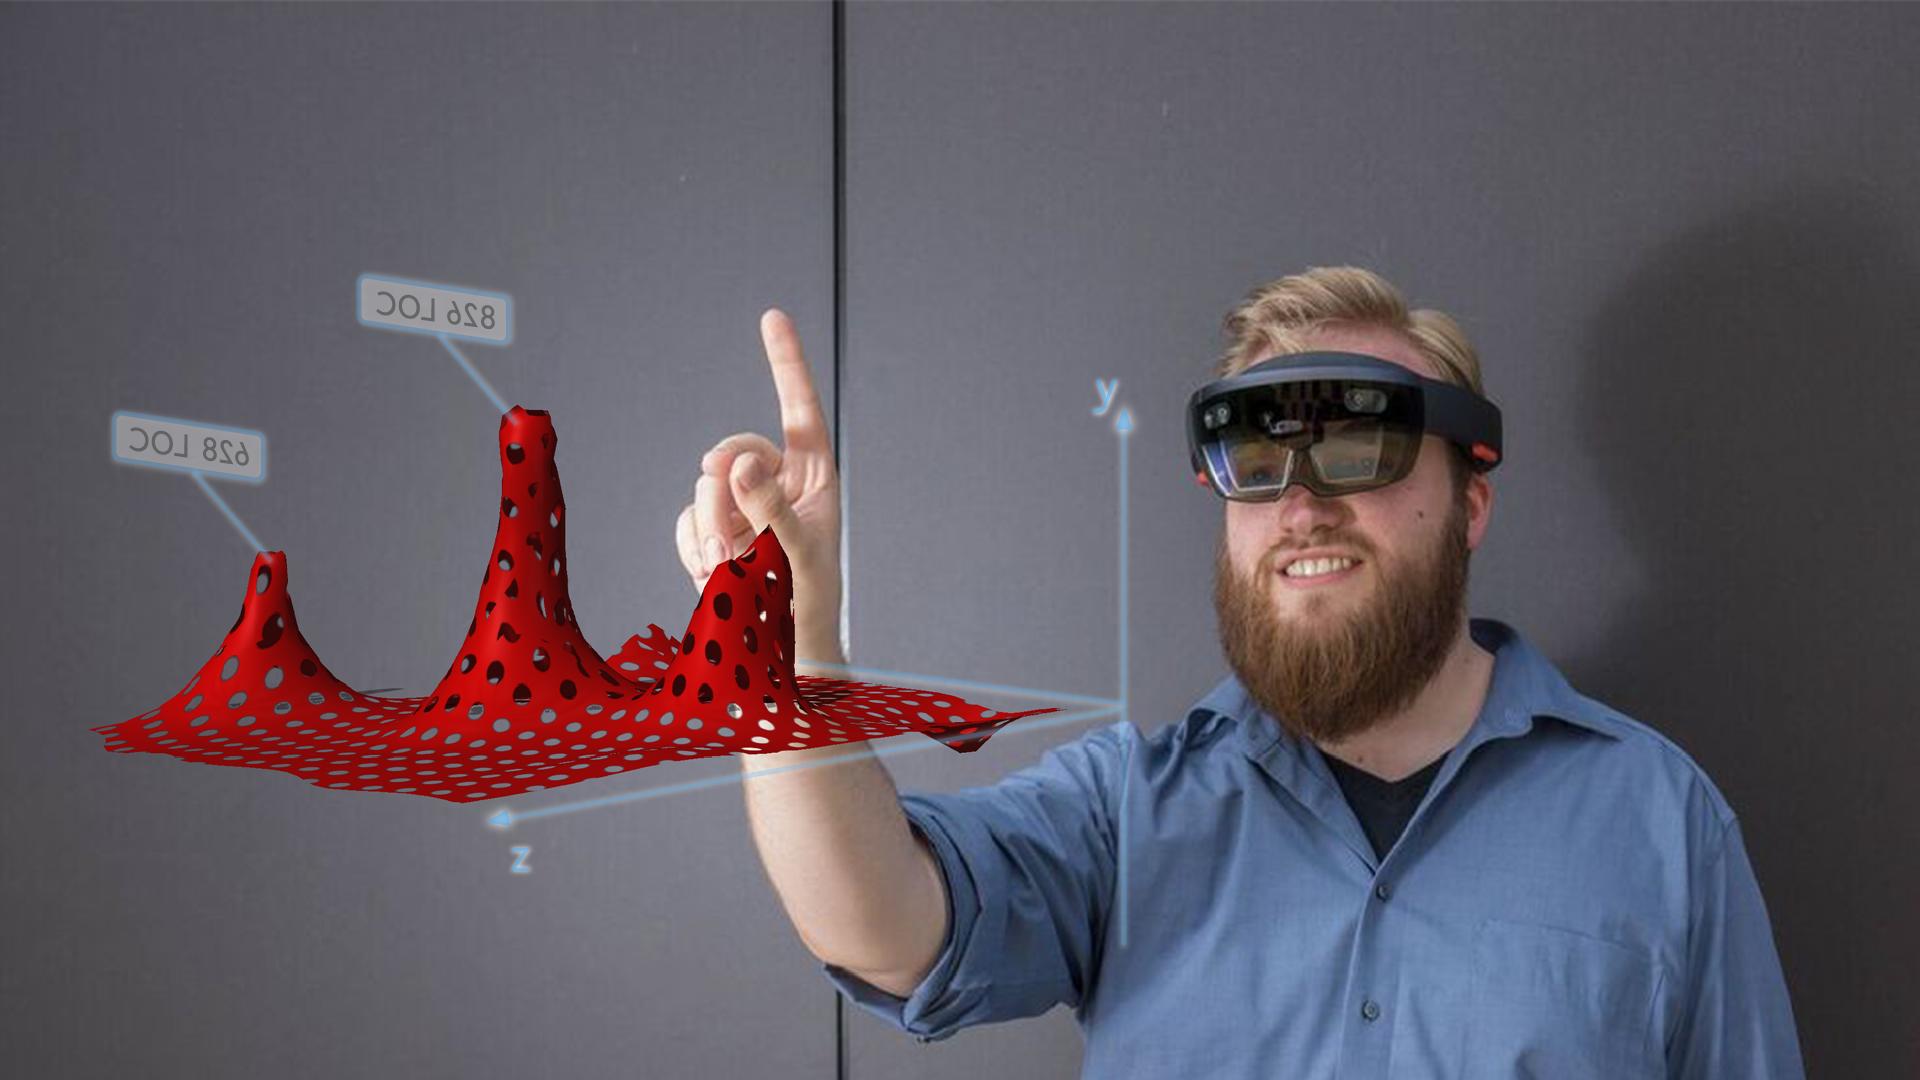 Ein Mann trägt eine VR Brille und zeigt mit dem Finger auf eine Grafik, die im Raum vor ihm erscheint.